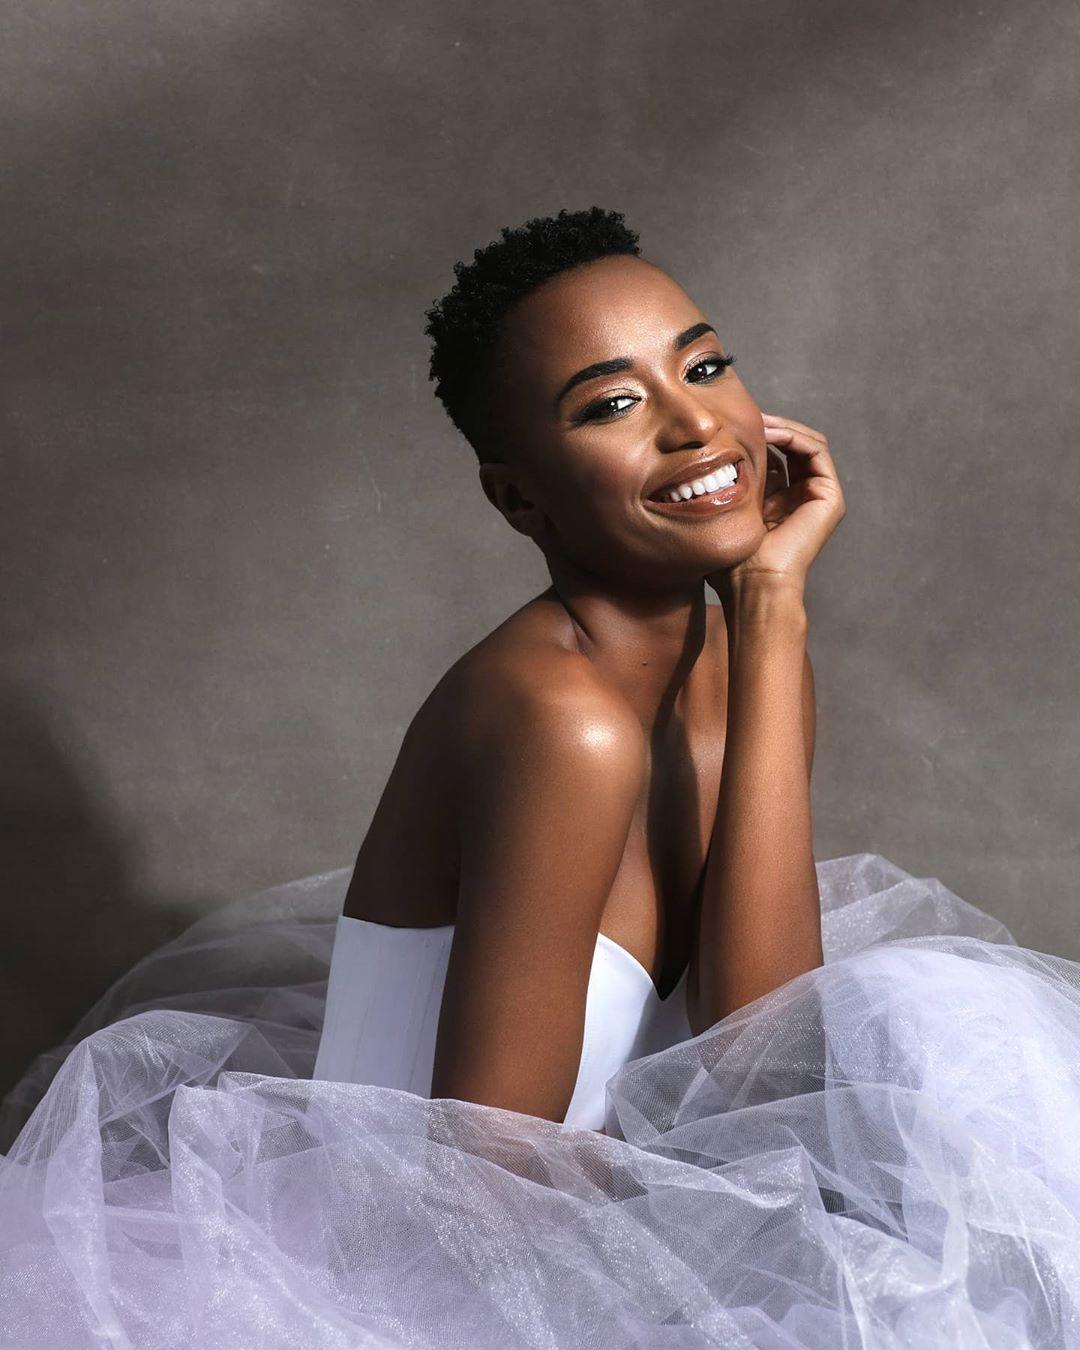 Miss Universo protesta contra el racismo IyYREx